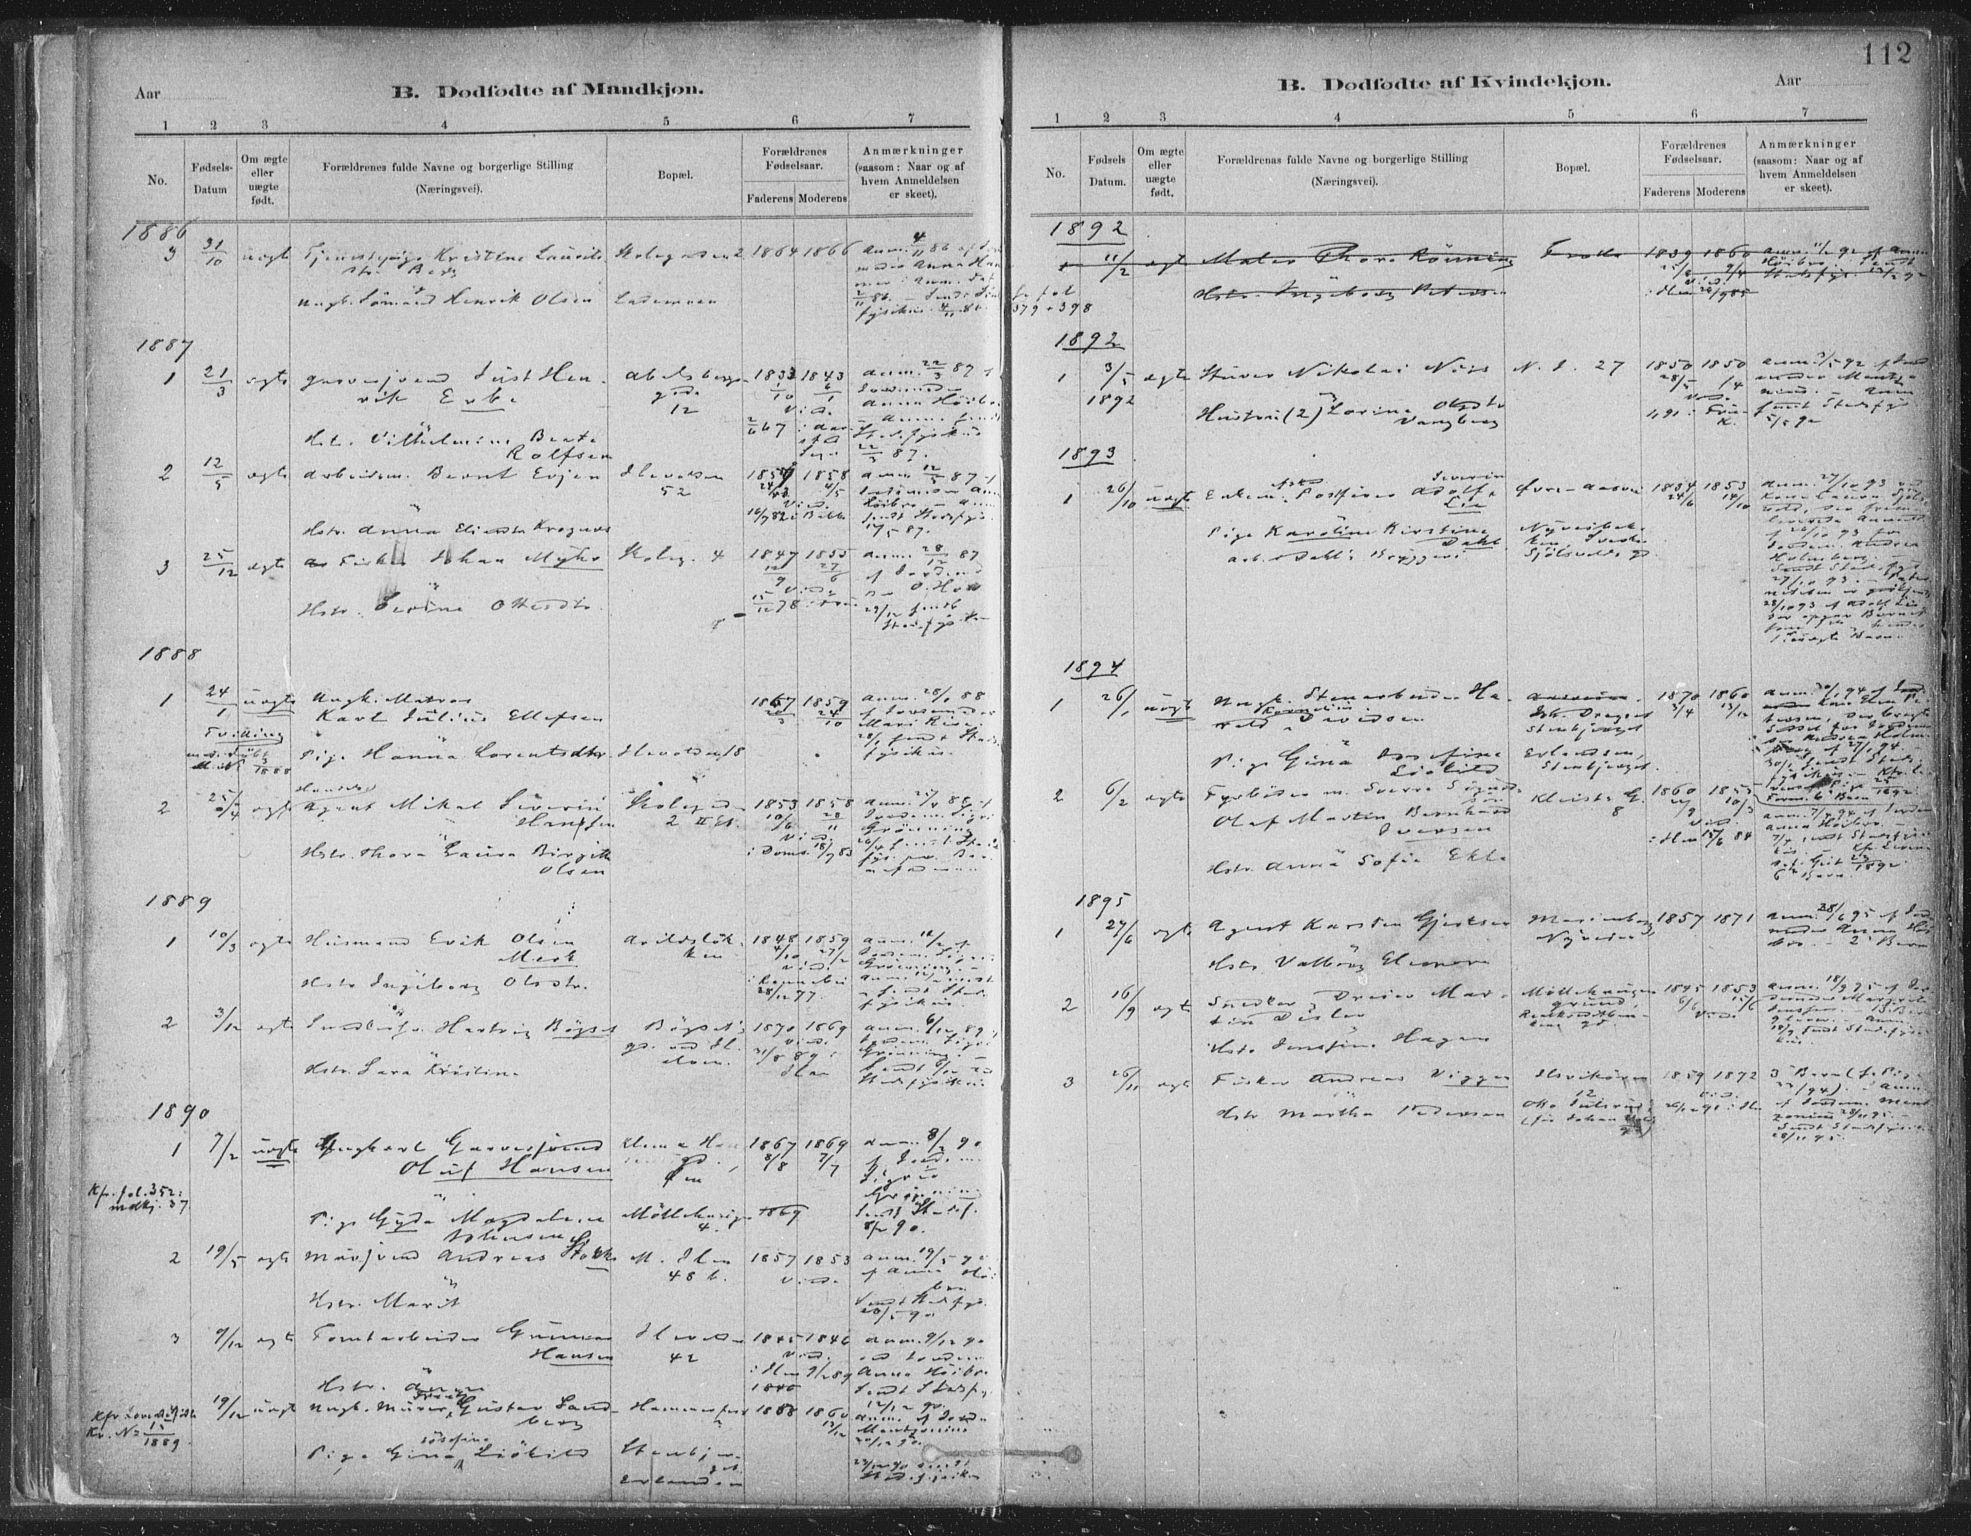 SAT, Ministerialprotokoller, klokkerbøker og fødselsregistre - Sør-Trøndelag, 603/L0162: Ministerialbok nr. 603A01, 1879-1895, s. 112